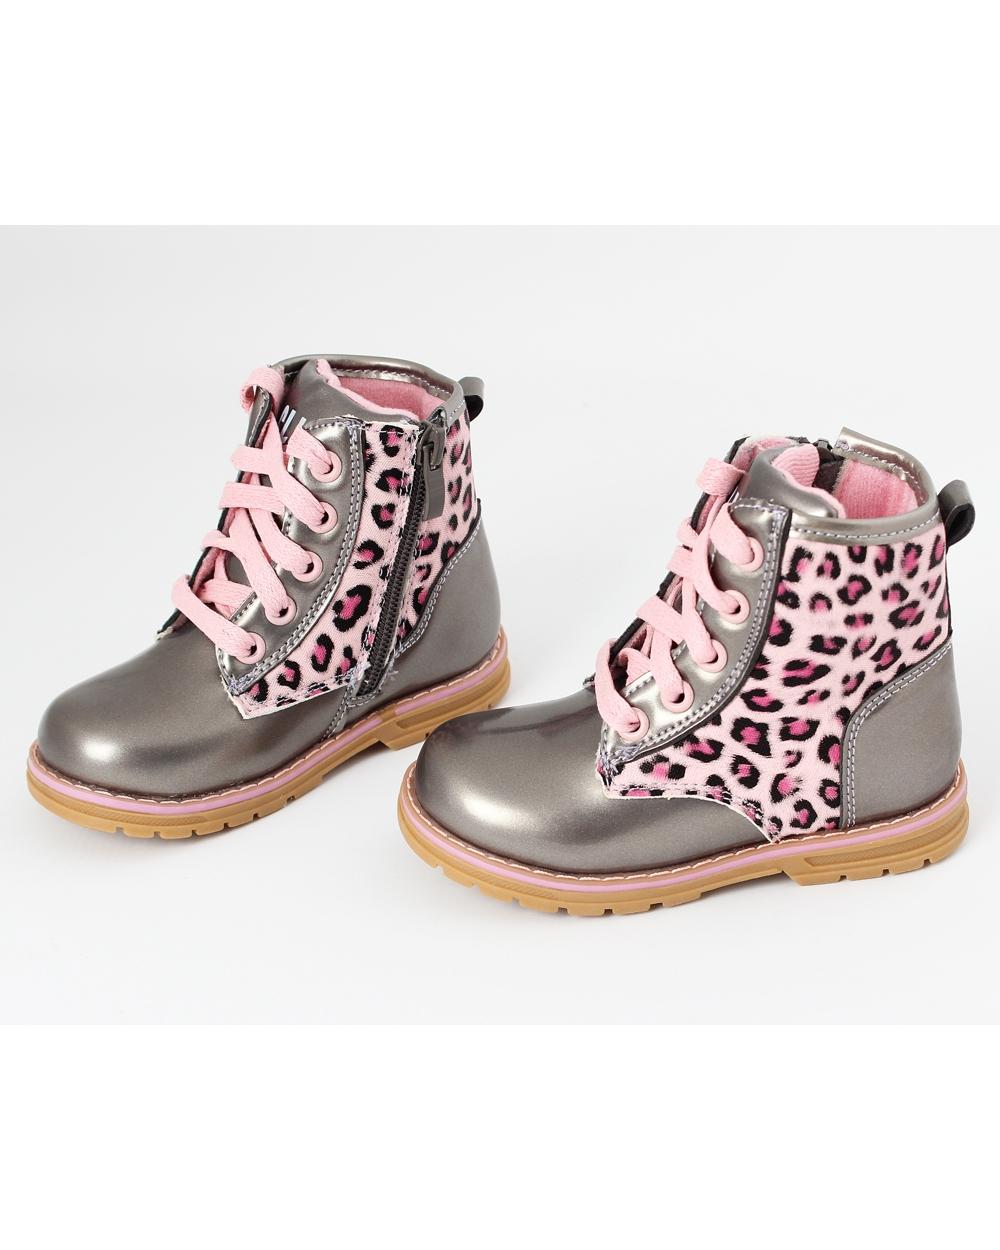 jesienne buty dla dziewczynki 2126 19clb srebro plus r243ż